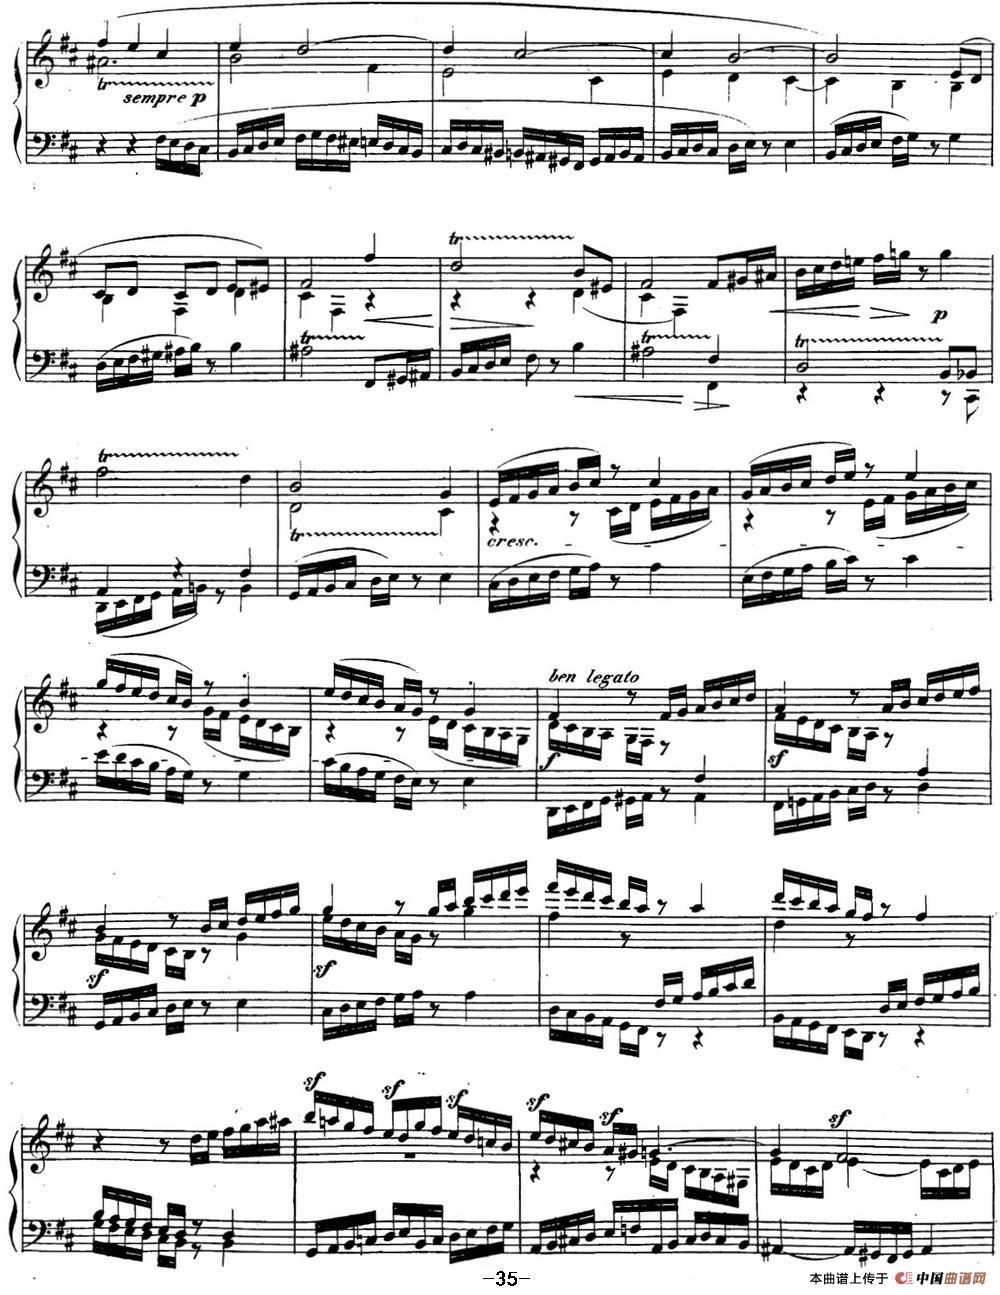 贝多芬钢琴奏鸣曲29 钢琴(锥子键琴)降B大调 Op.106 B-flat major(1)_原文件名:29 钢琴(锥子键琴)降B大调 Op106 B-flat major_页面_37.jpg